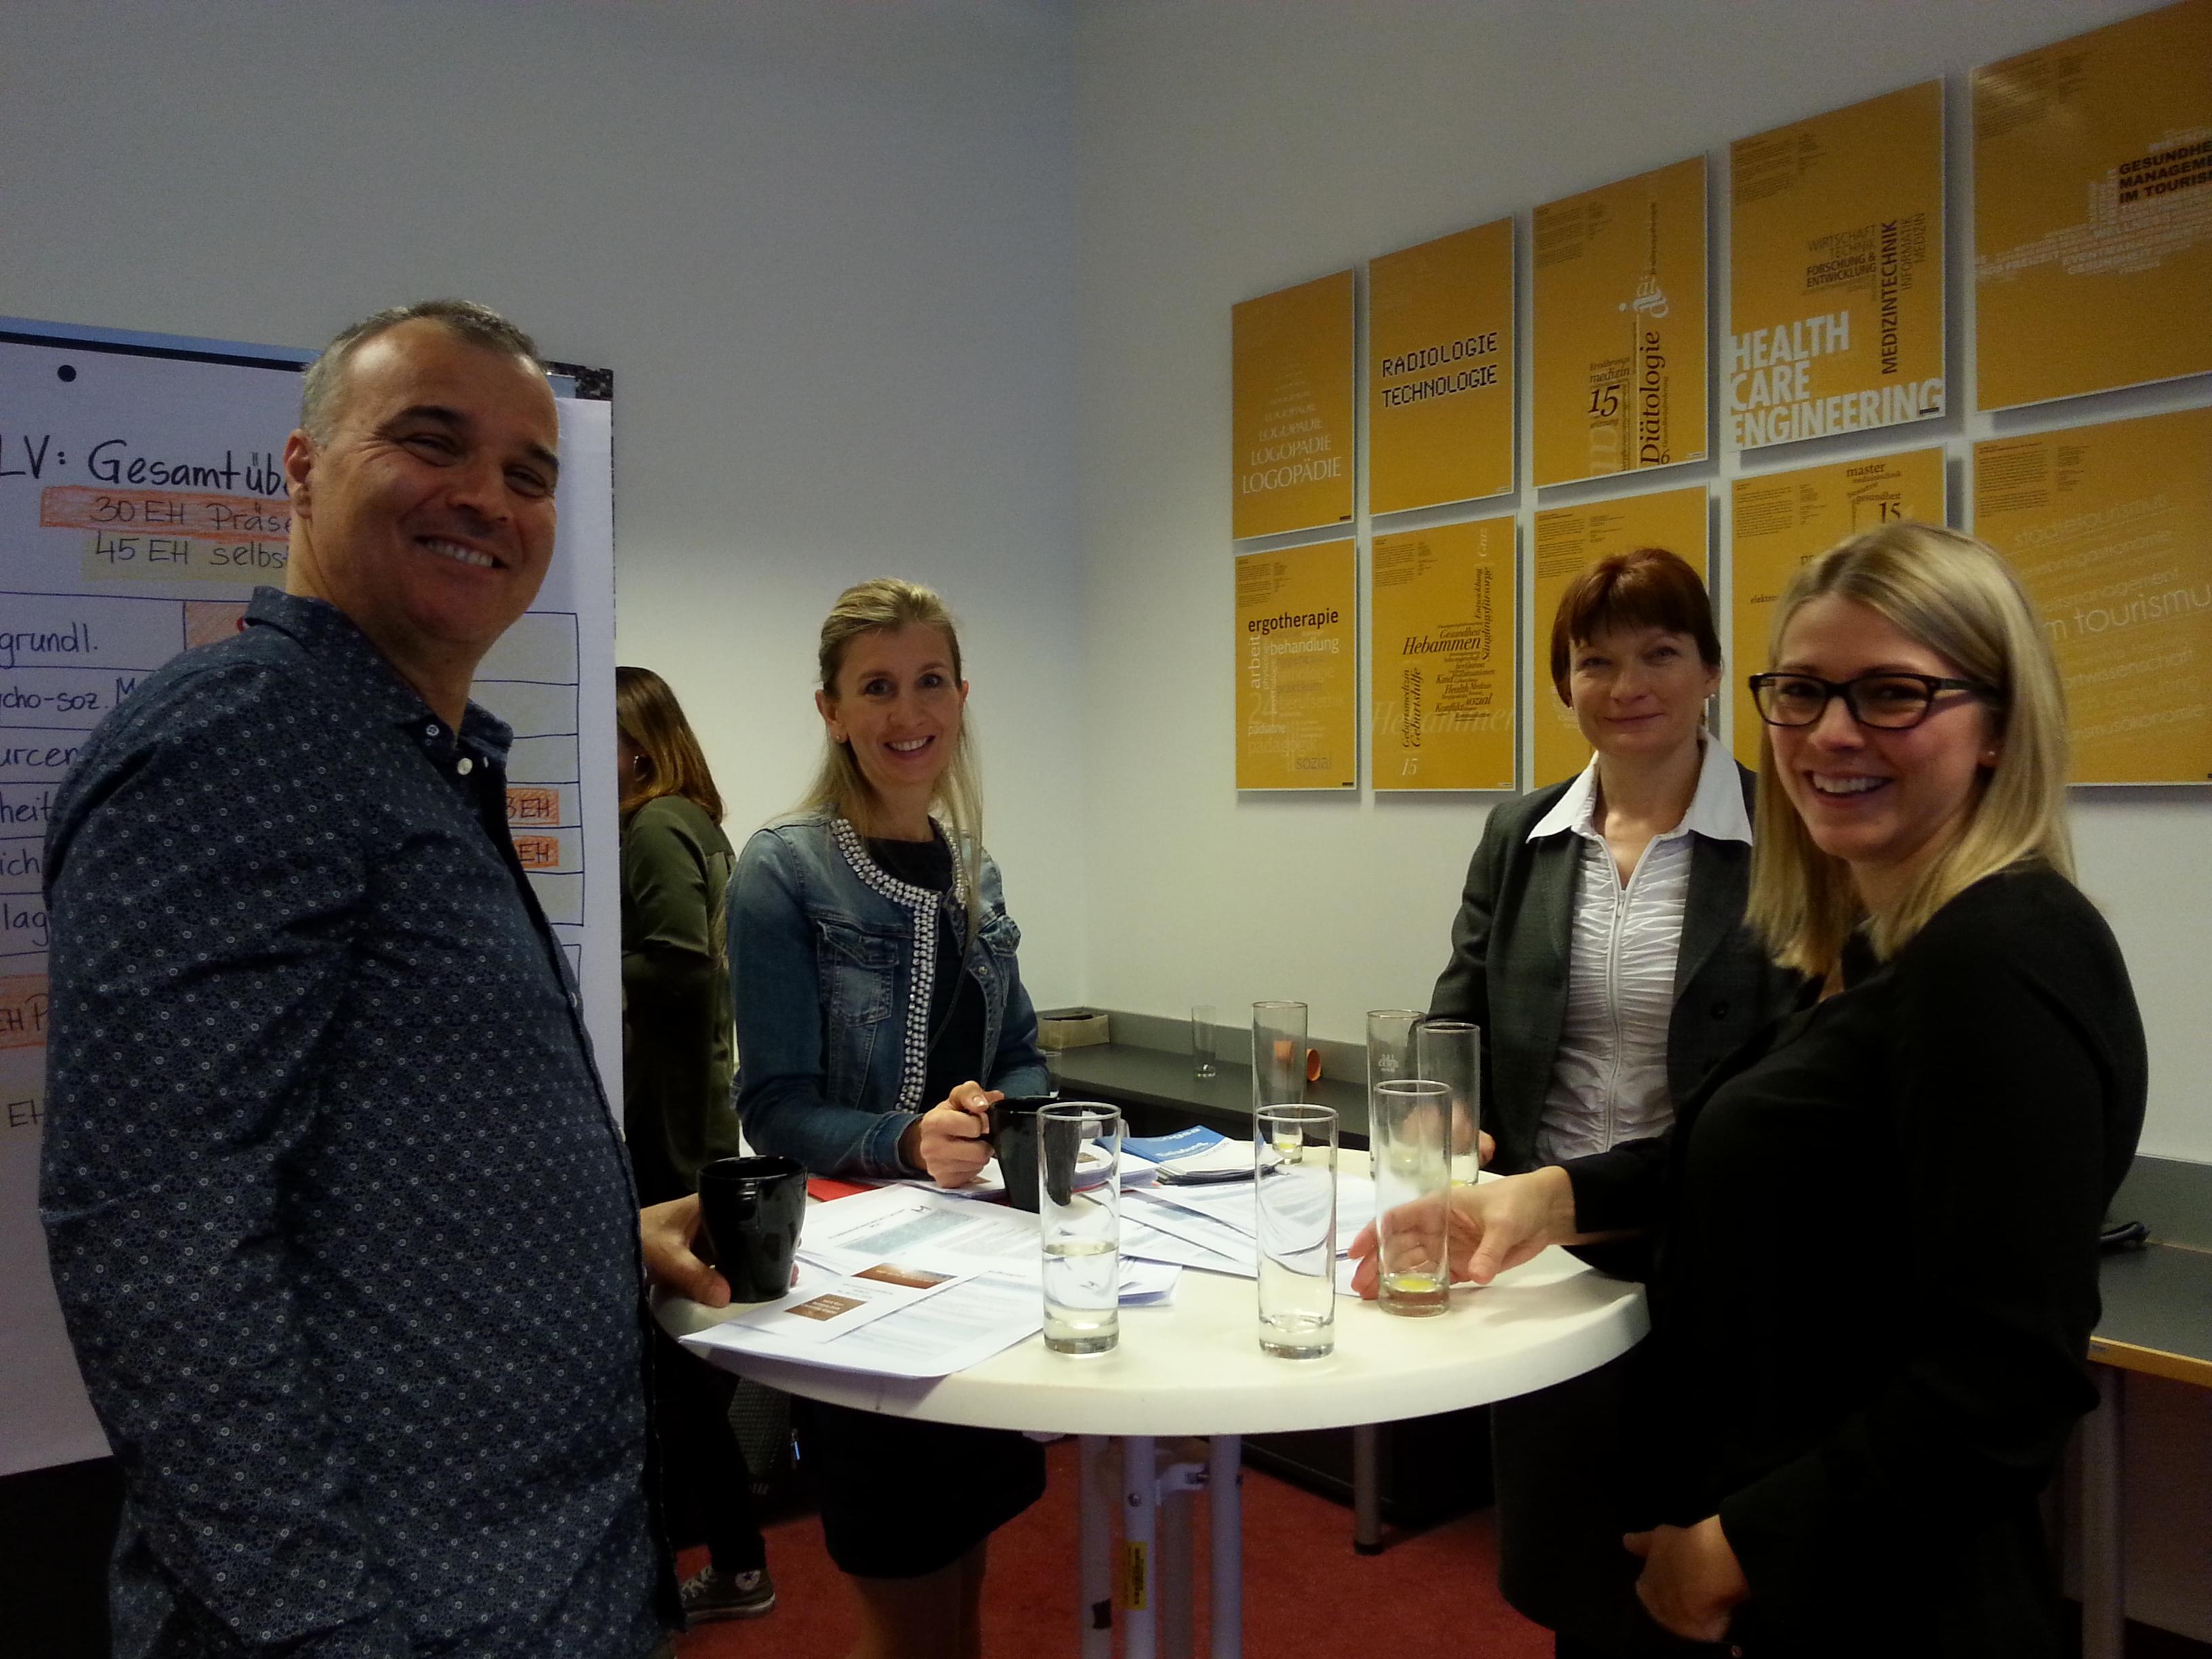 Gert Enzi, Christine Kogler, Sabine Proßnegg und Bettina Folli bei einer Marktstanddiskussion.